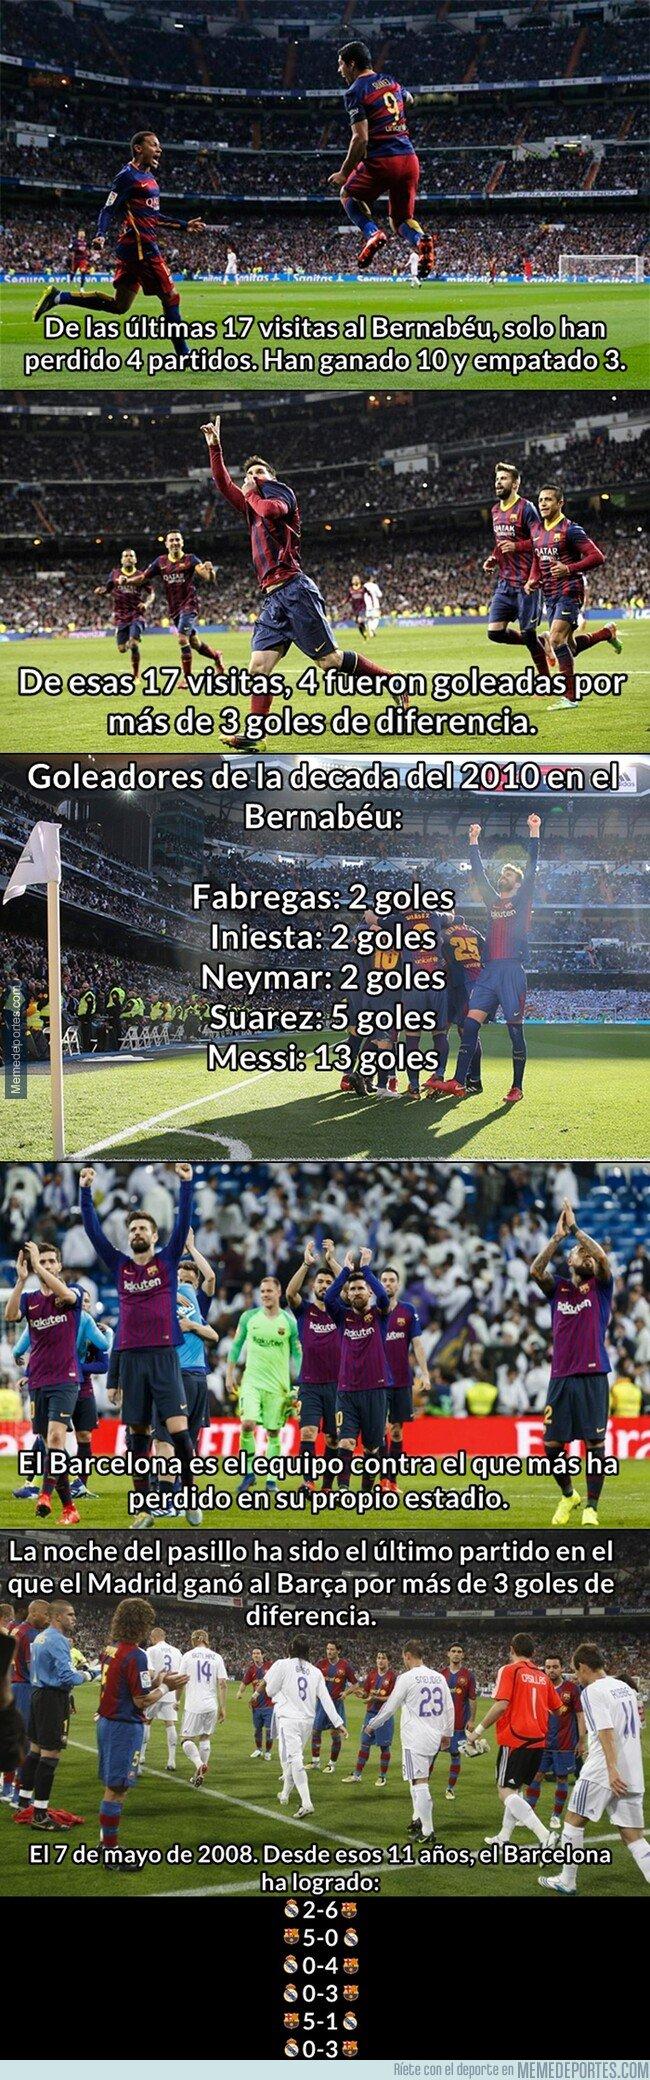 1066151 - La hegemonía del Barça en el Bernabéu